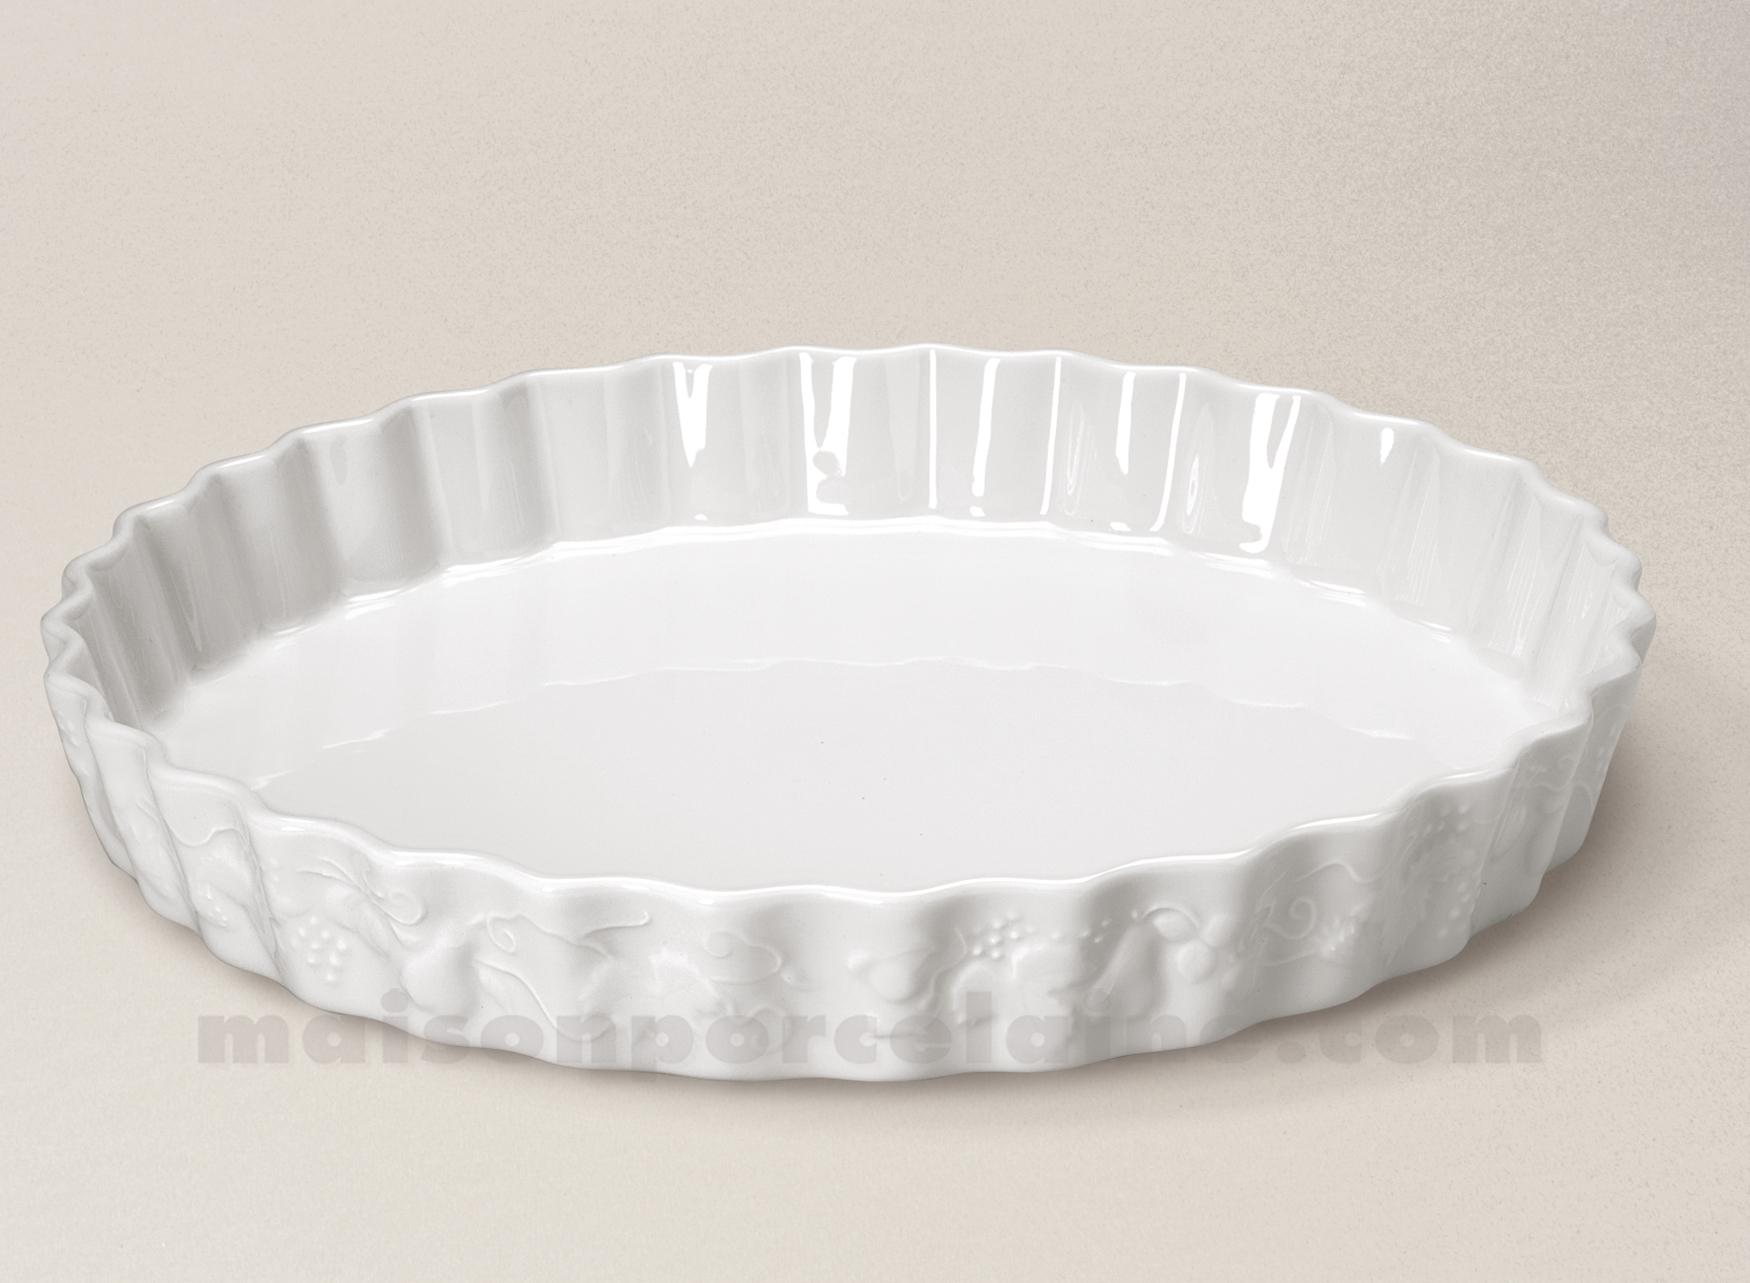 Moule A Tartelette Professionnel moule tarte california porcelaine blanche n°30 d31 - maison